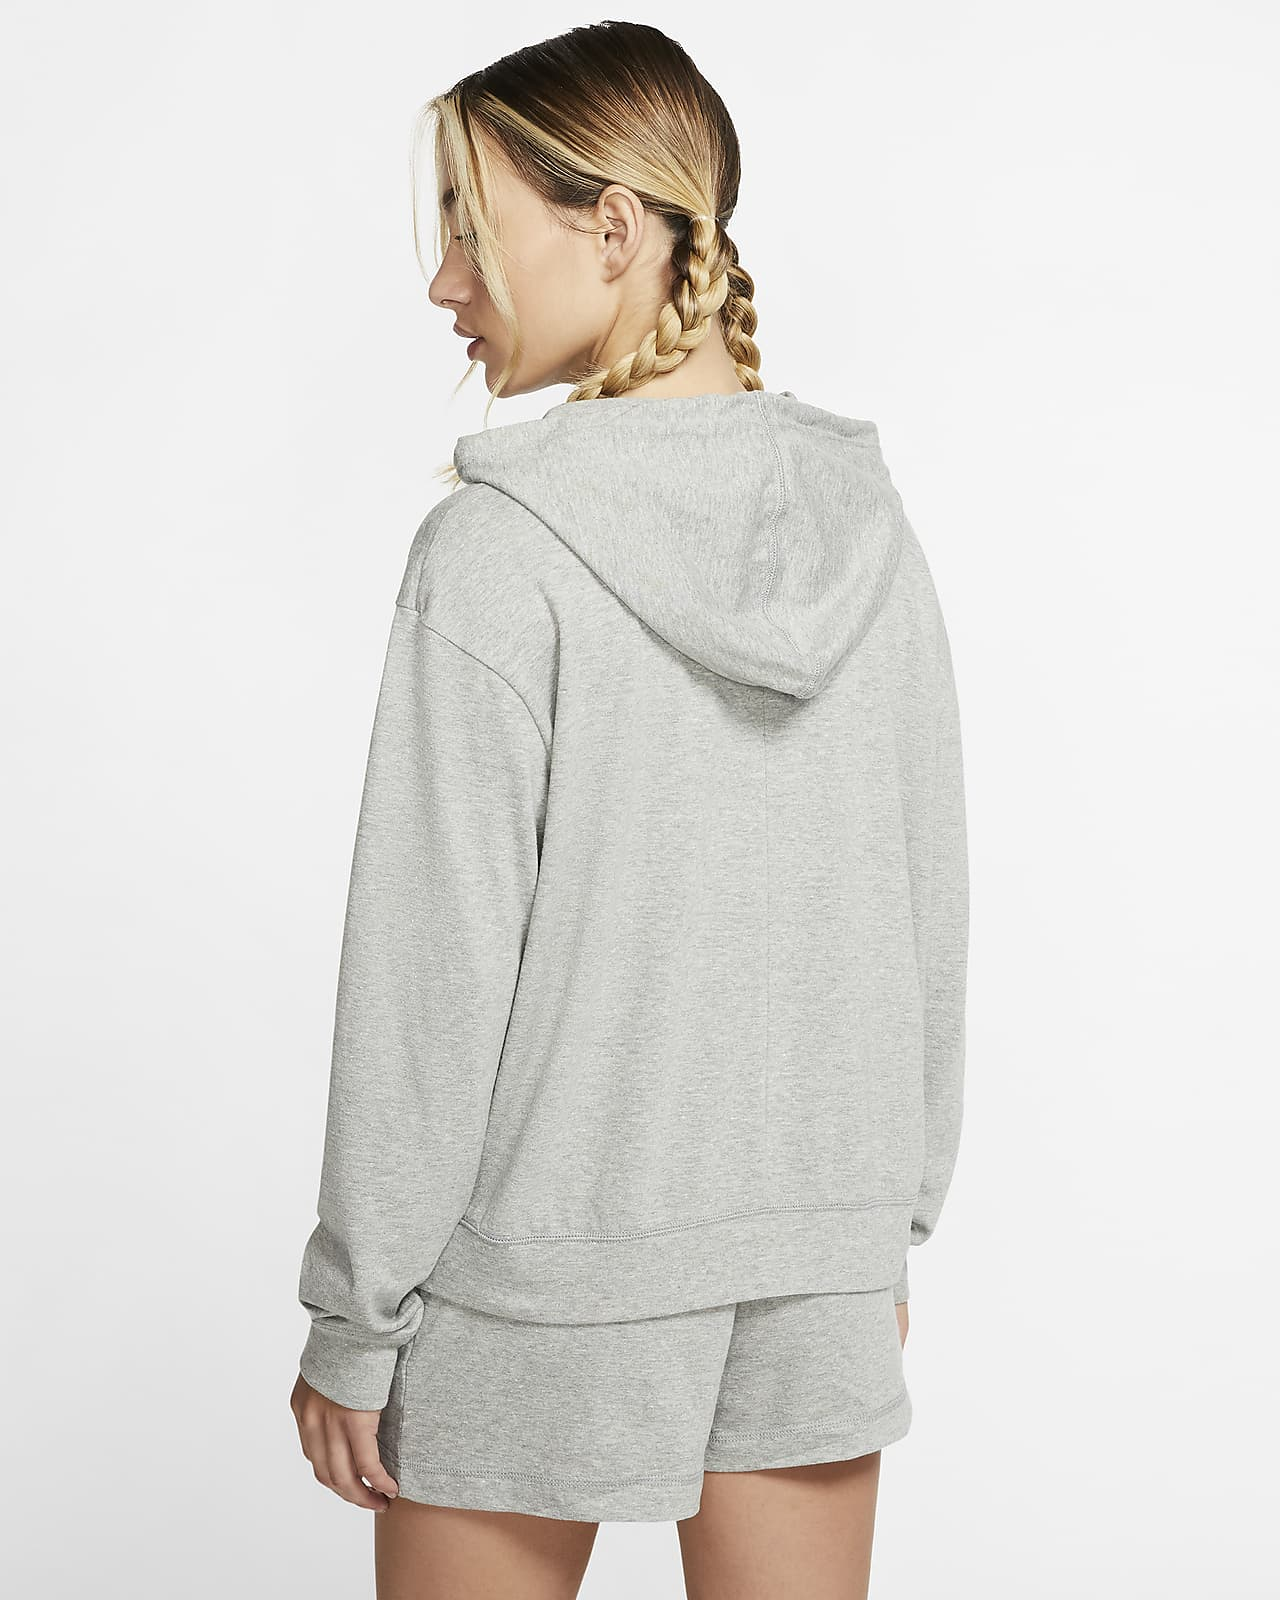 Bombero cuchara Periódico  Felpa con cappuccio e zip a tutta lunghezza Nike Sportswear Gym Vintage -  Donna. Nike CH